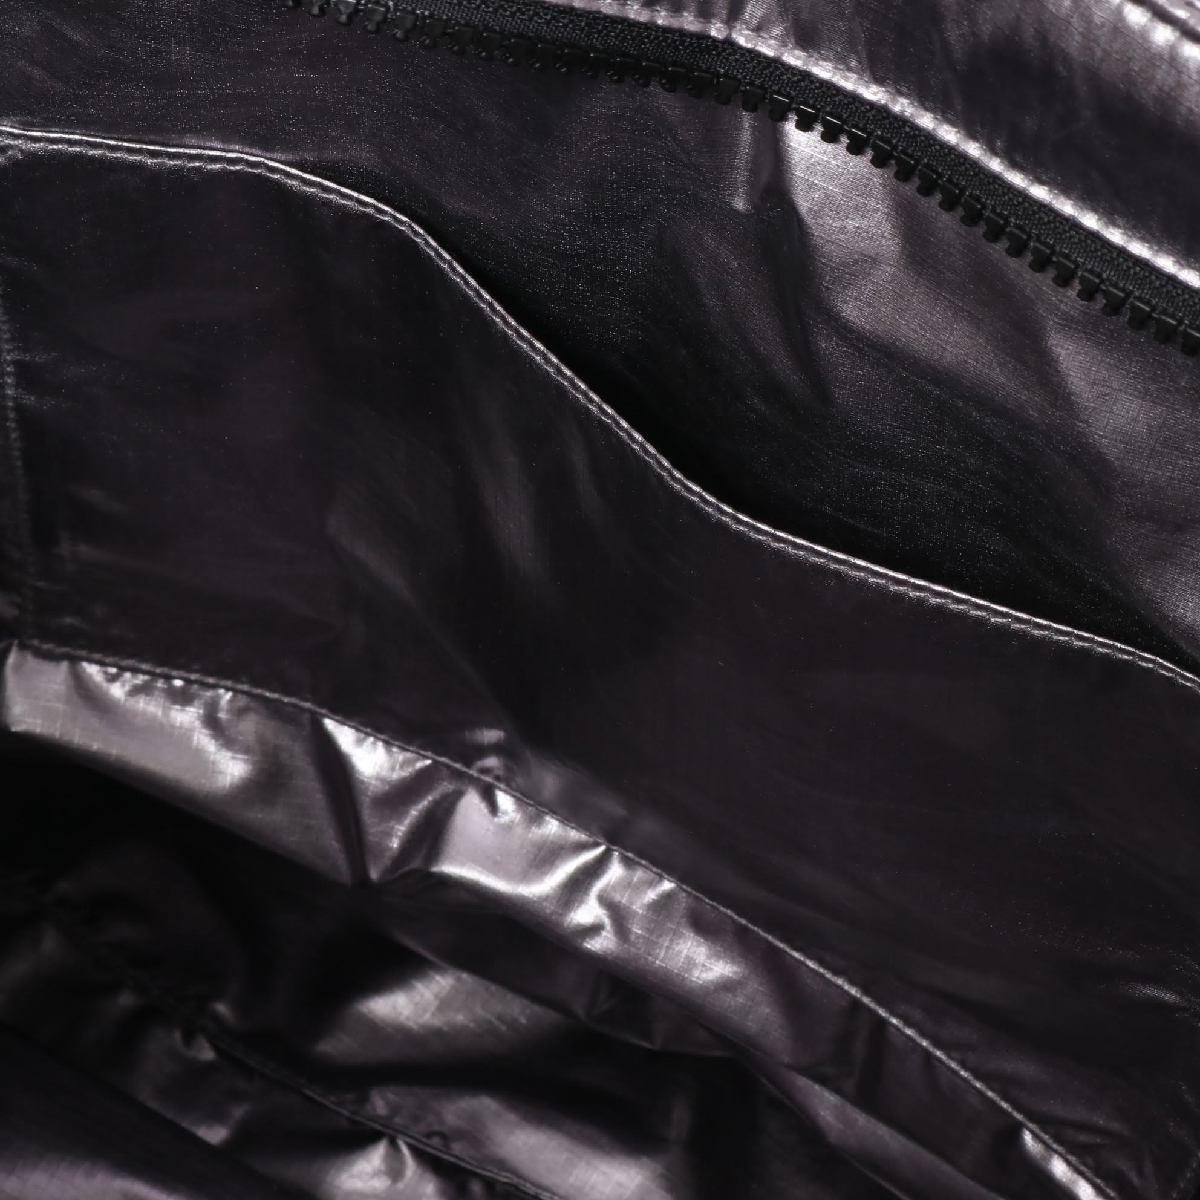 6b161203ffa UGG Krystal Puffer Tote (METALLIC SILVER) (アグクリスタルパッファートート)